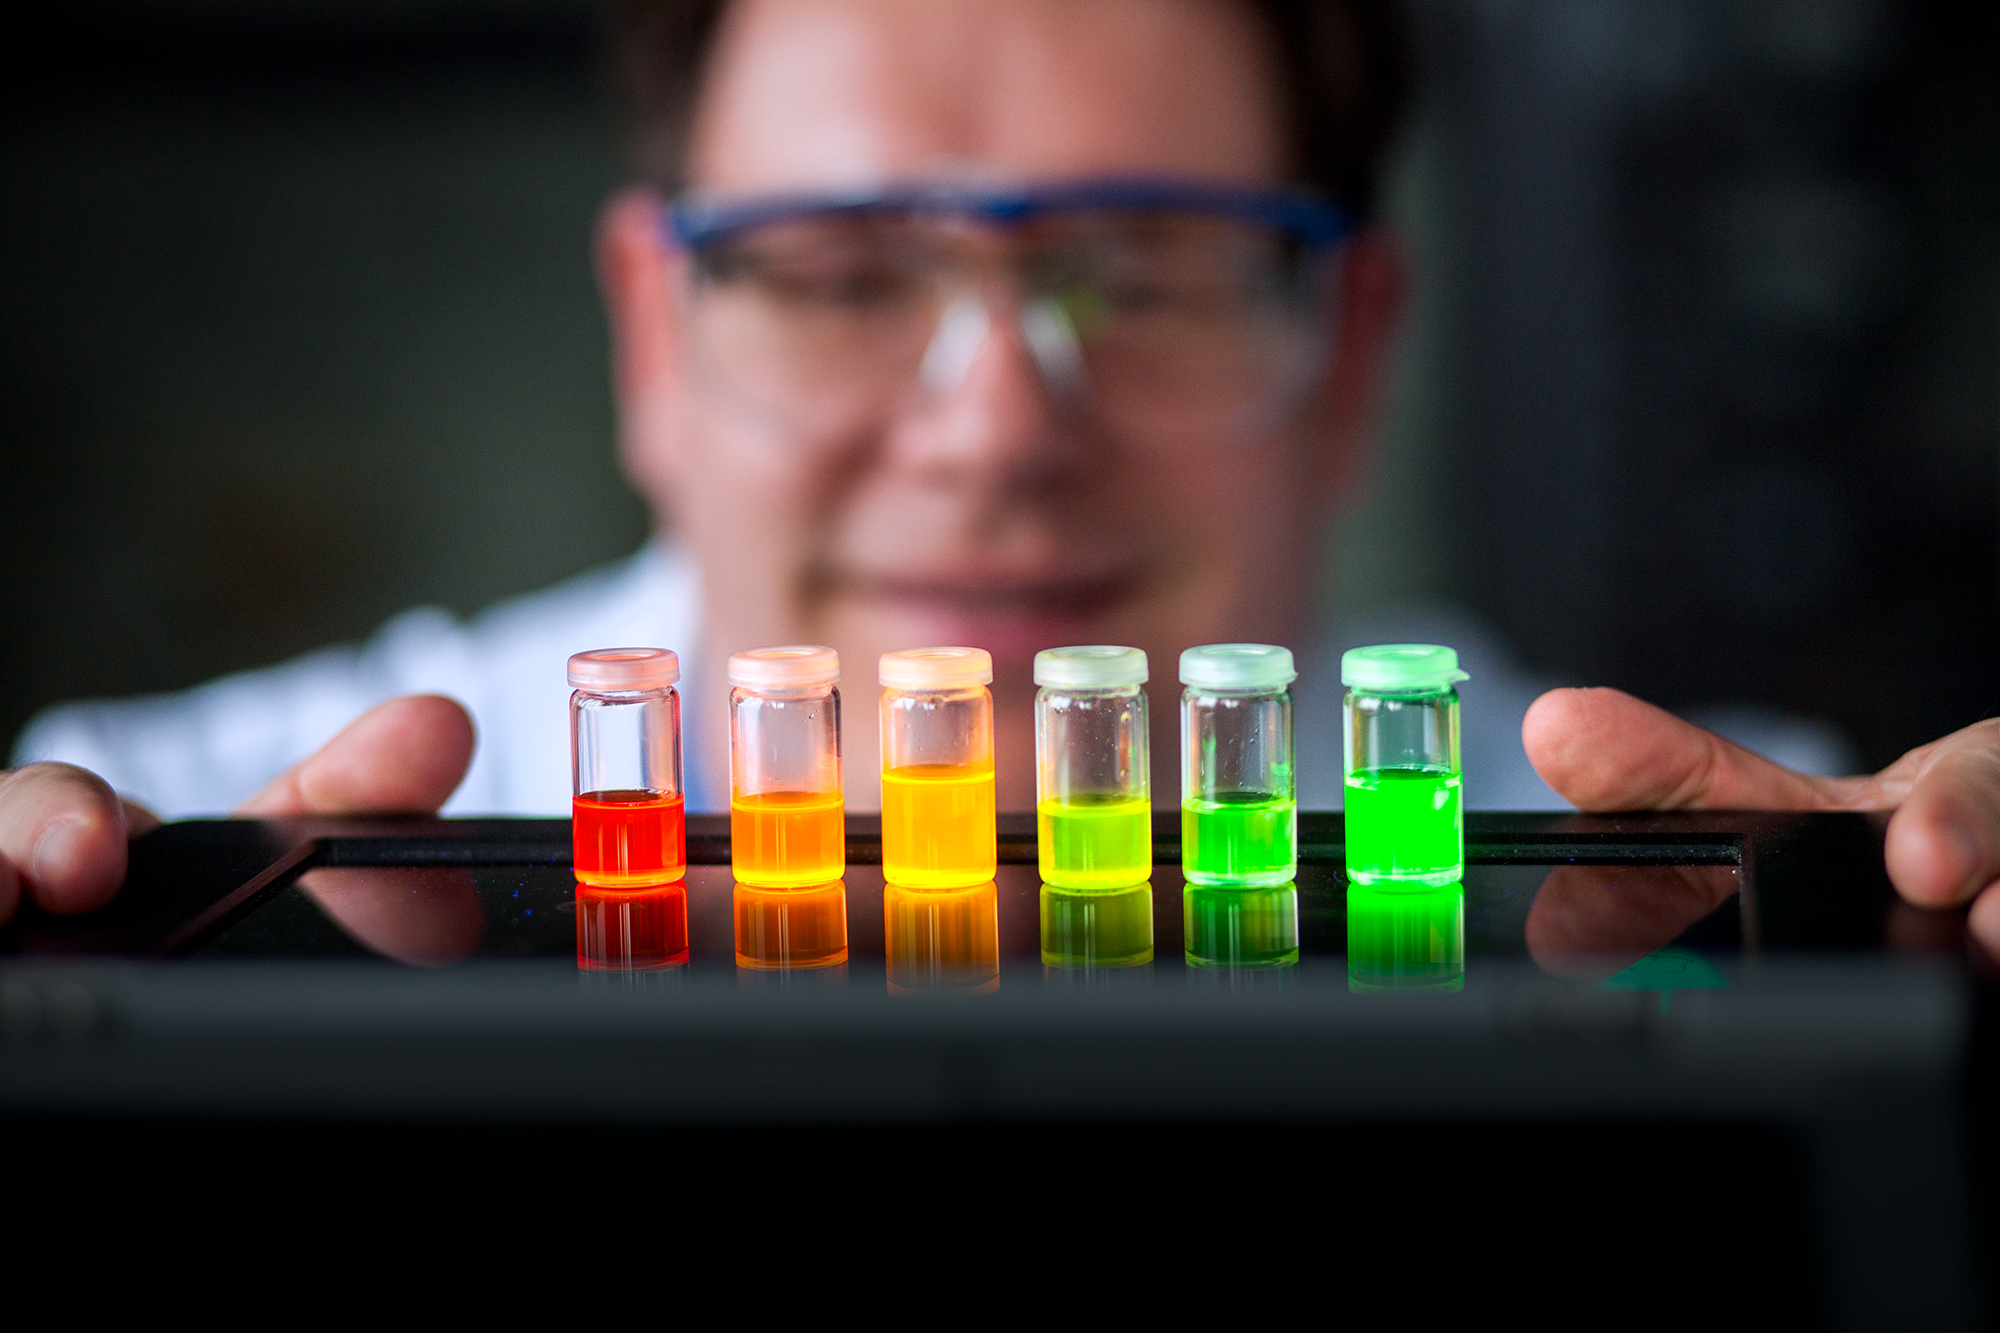 Glasröhrchen mit lumineszierender Flüssigkeit